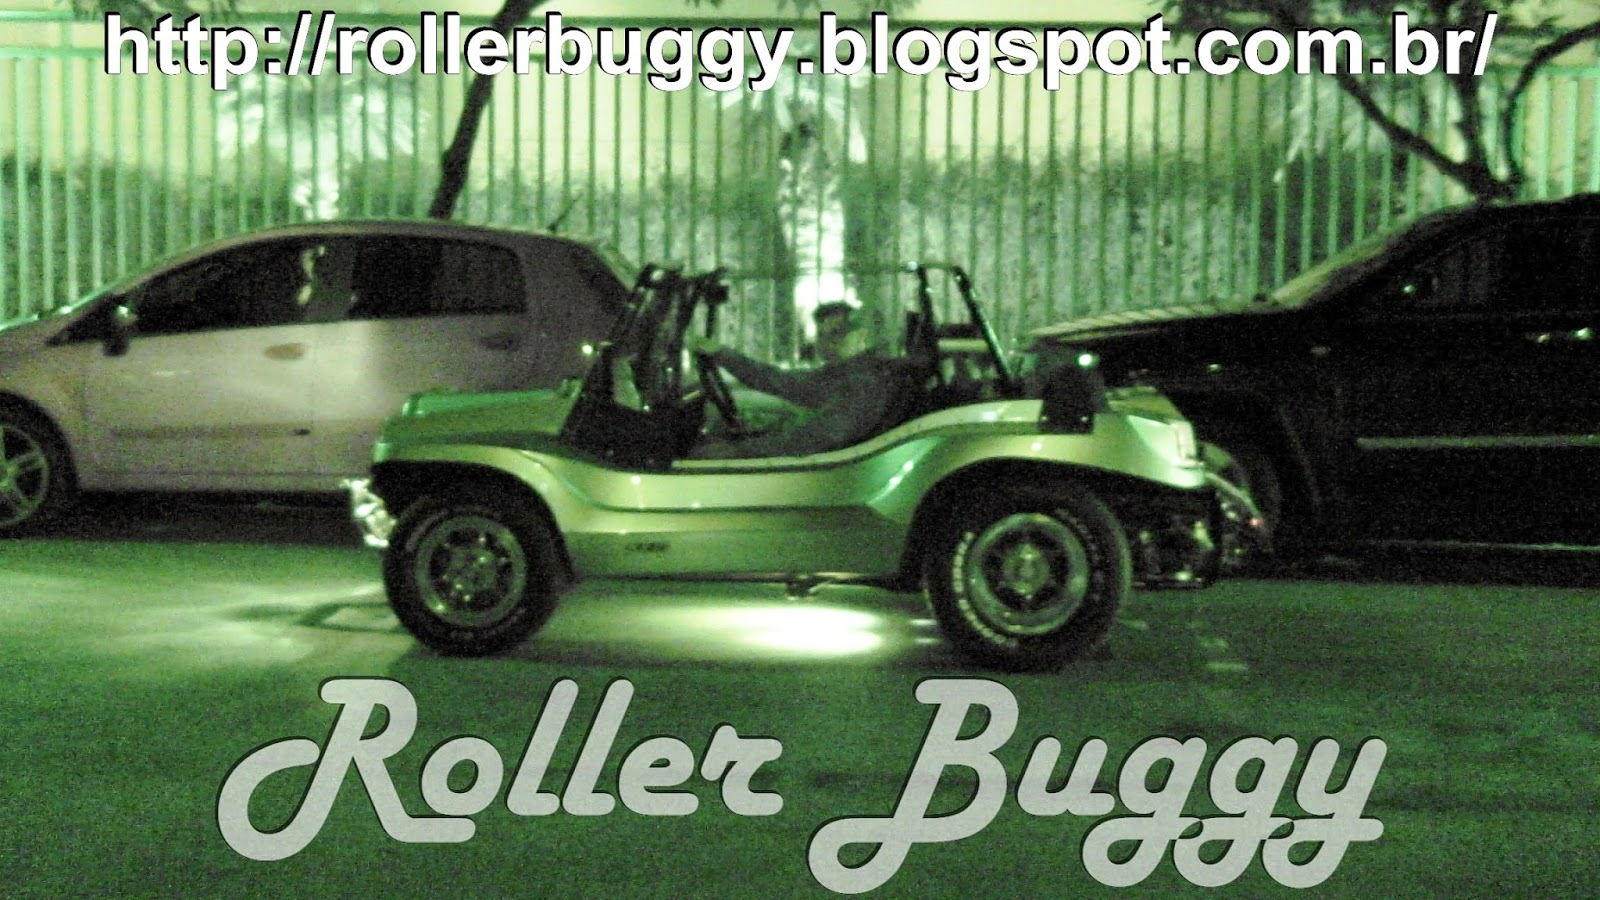 http://rollerbuggy.blogspot.com.br/2015/01/2014-fevereiro-volta-do-zoinho.html